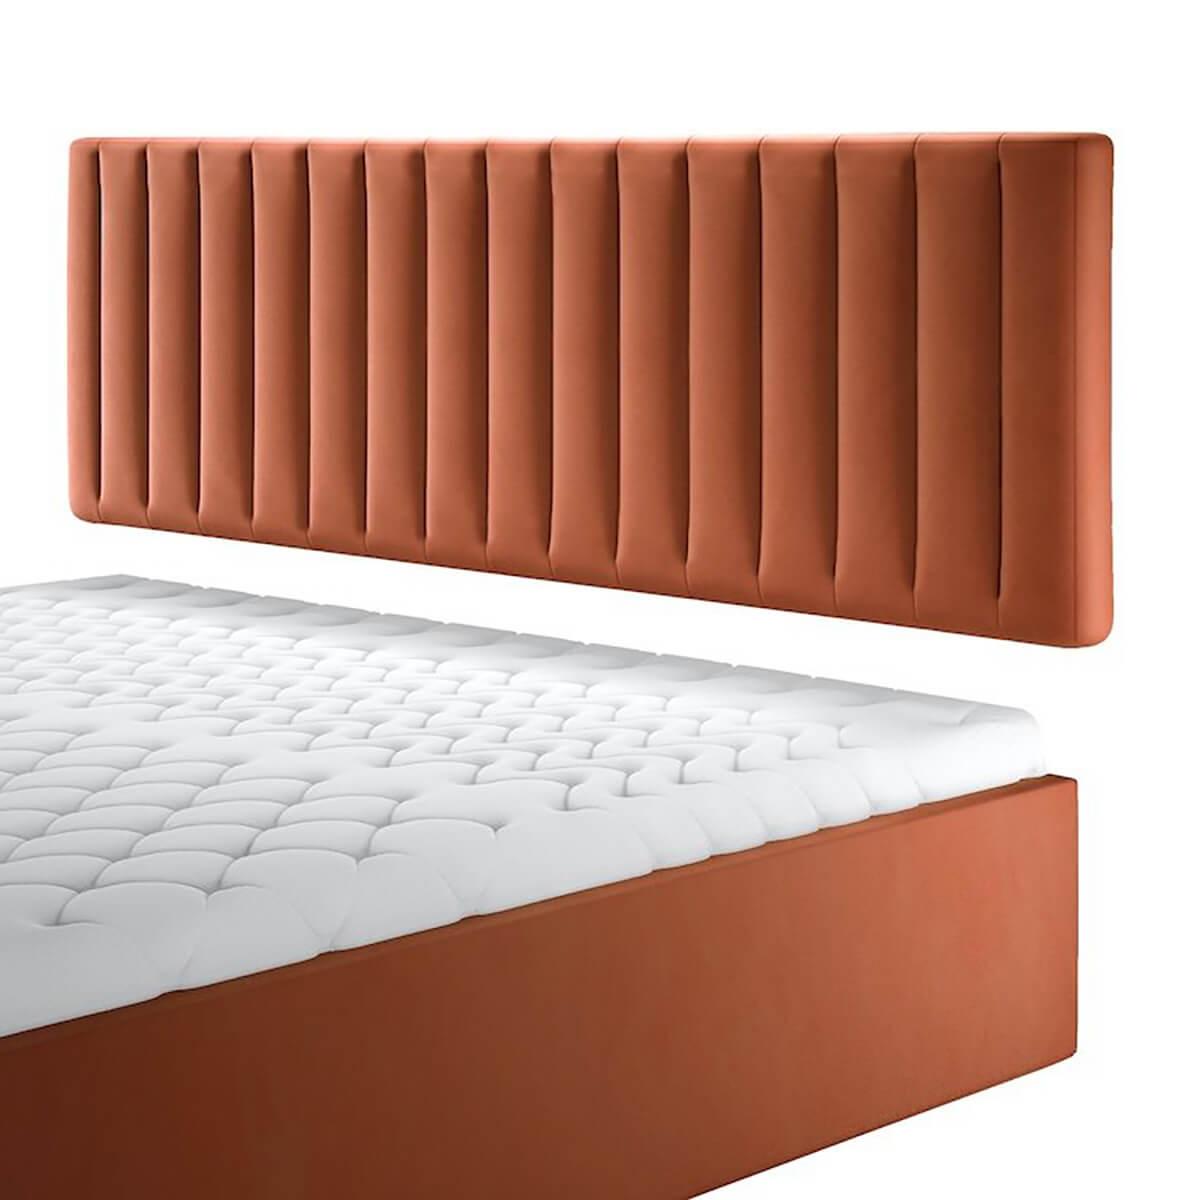 Нисък стенен панел за тапицирано легло, модел ZPN-058